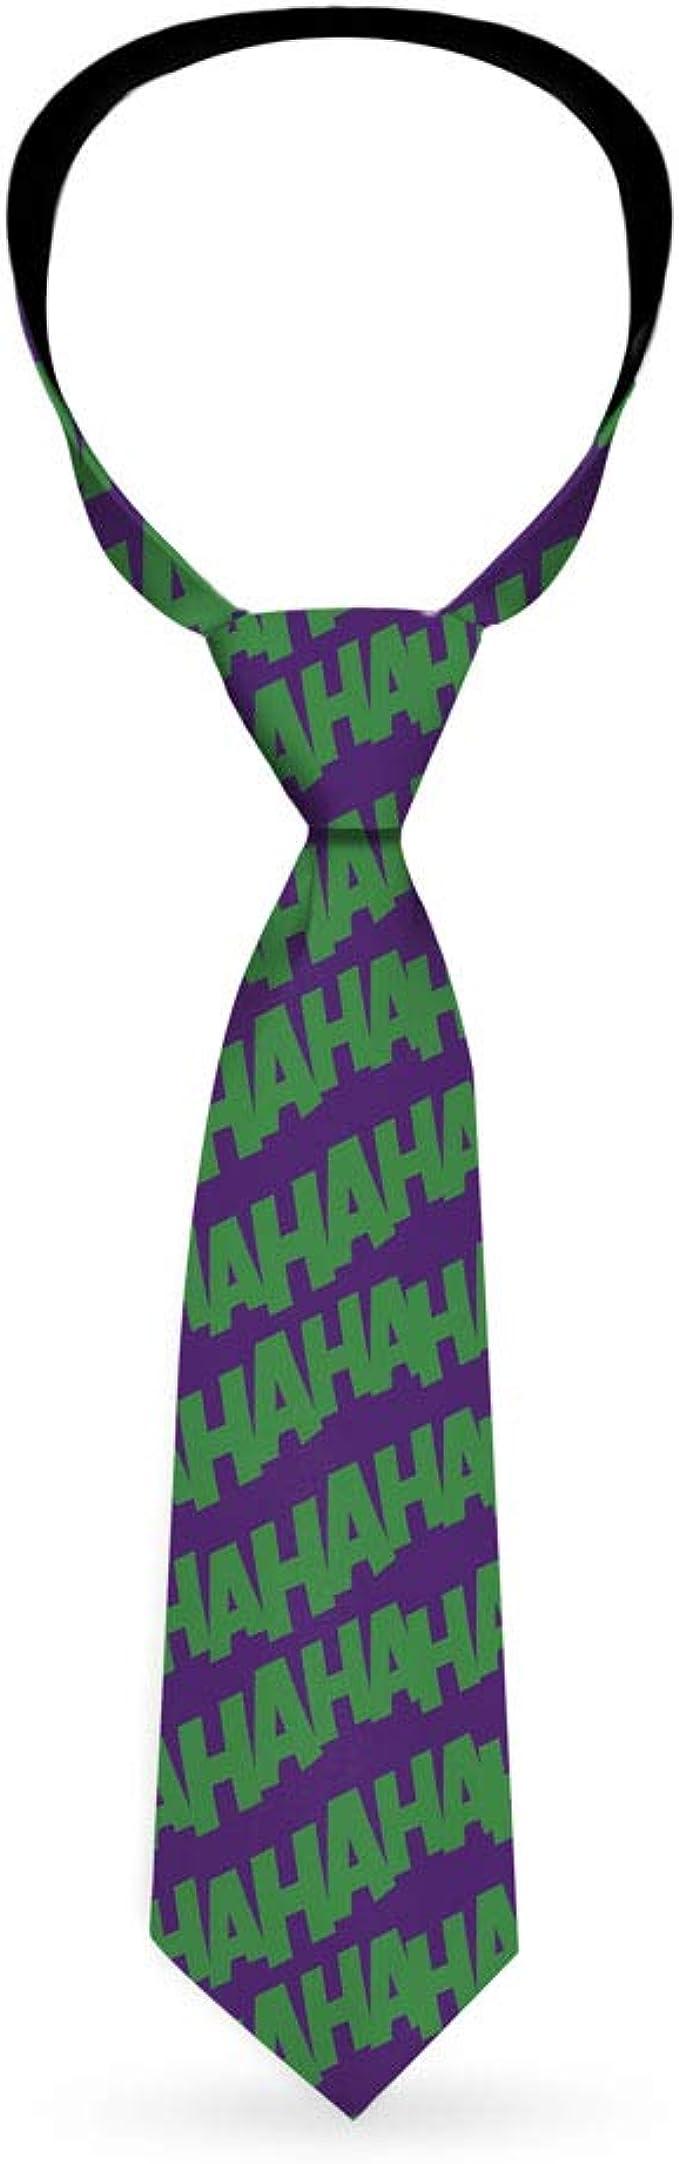 Buckle Down Corbata estándar para Joker HAHAHA, color morado y ...